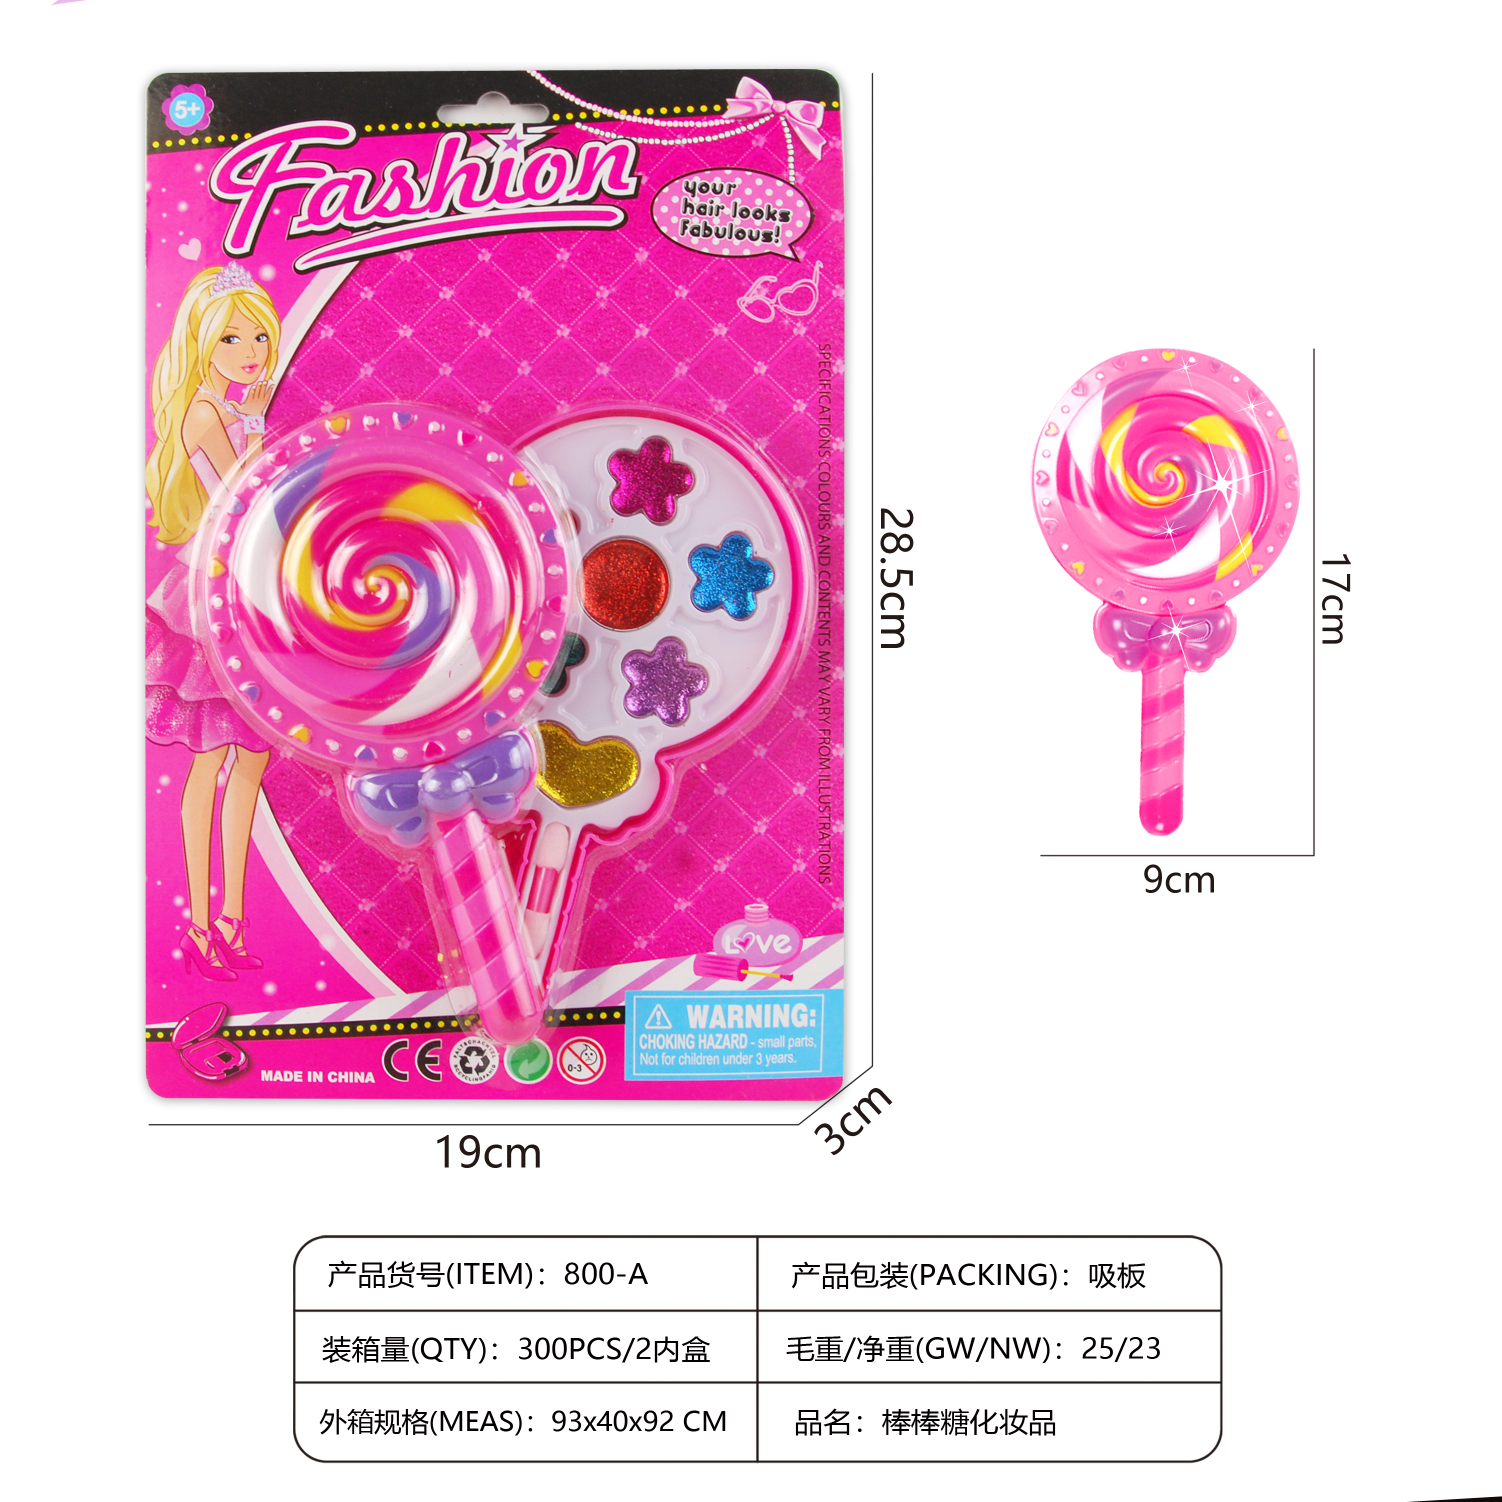 彩妆玩具 800-A